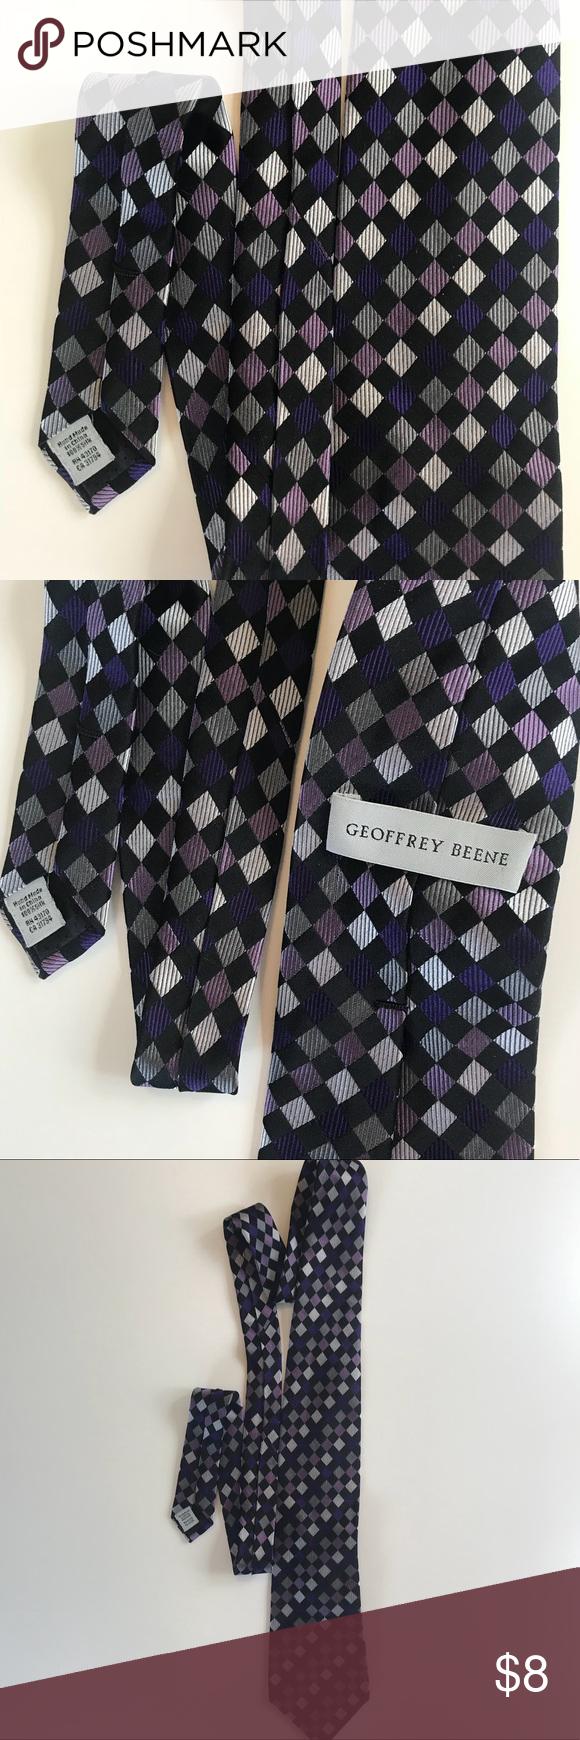 3a2c4227c007 100% silk tie  Gray